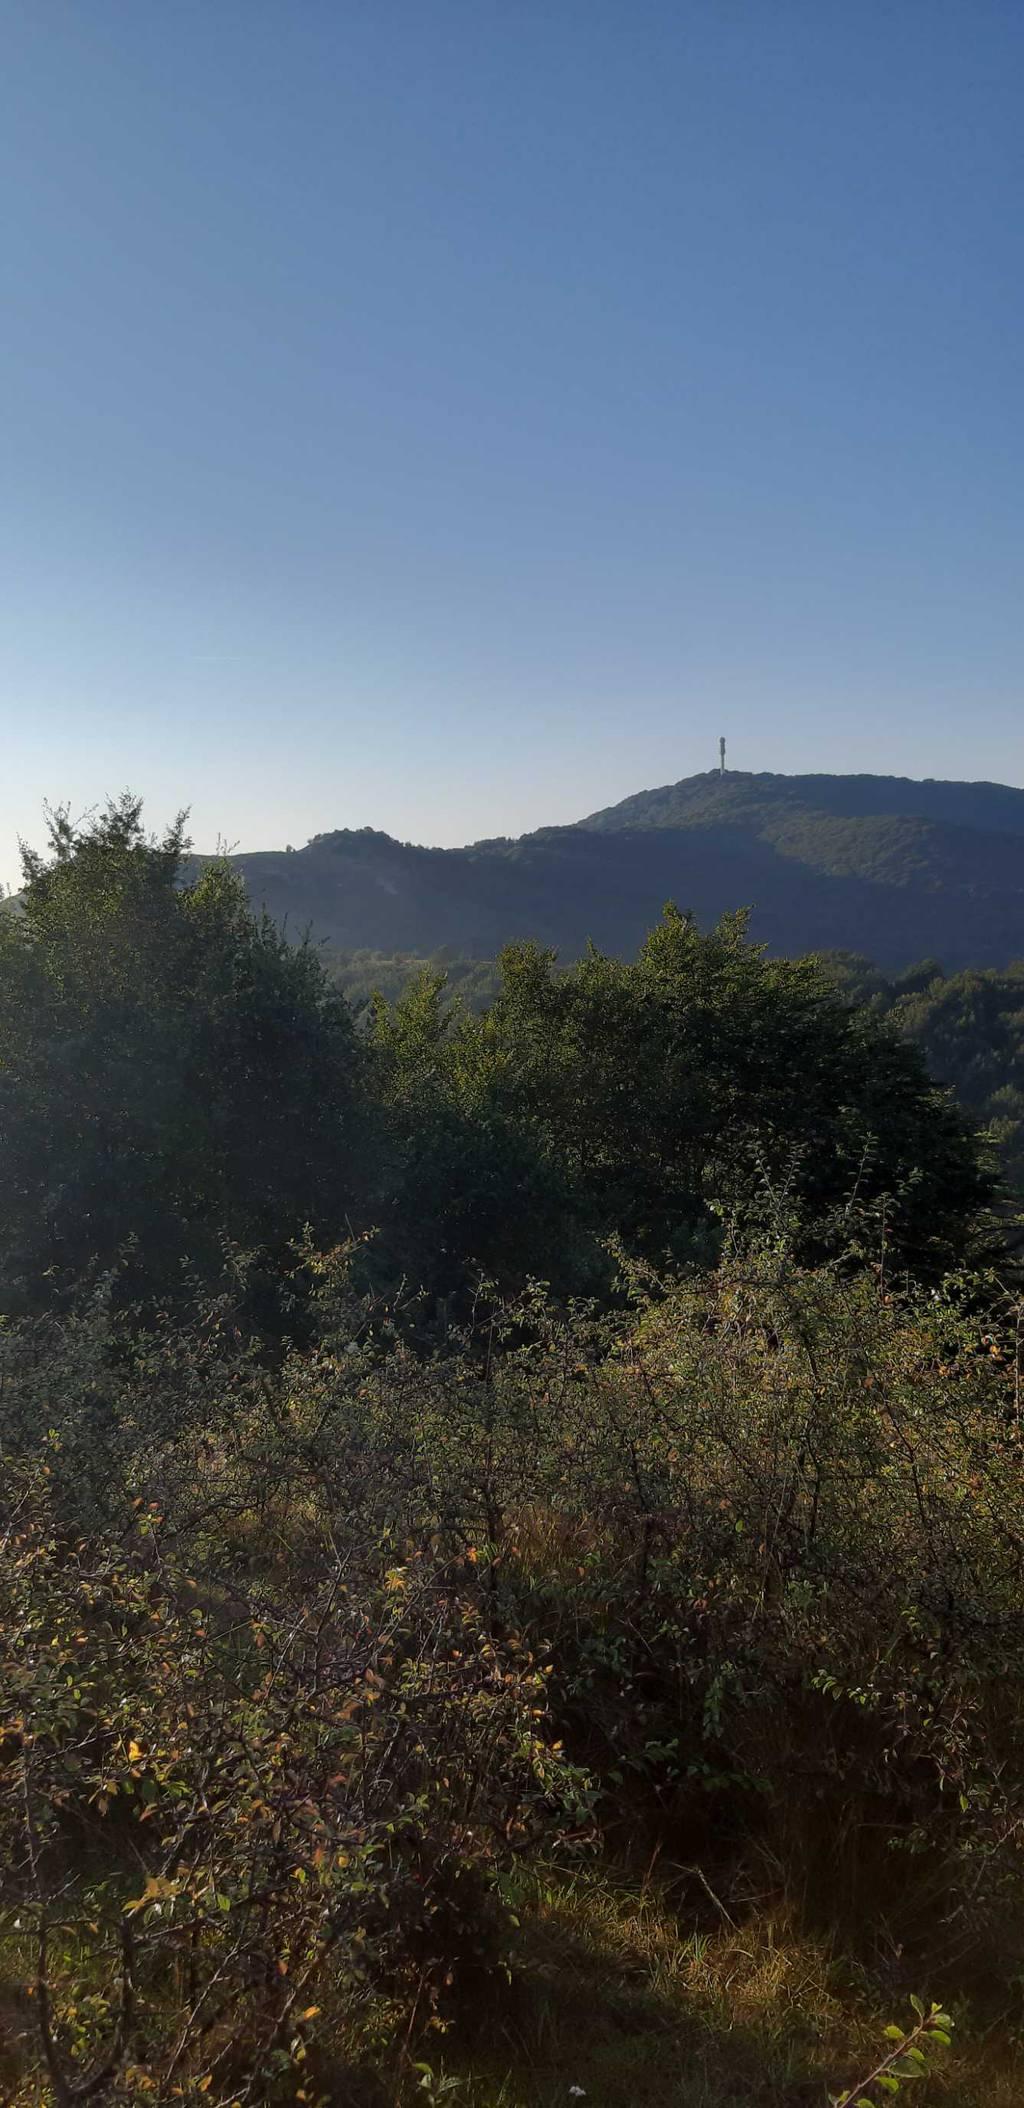 Irrintzi L erabiltzailea Pico de Izartza puntan, 2021-09-04 08:44